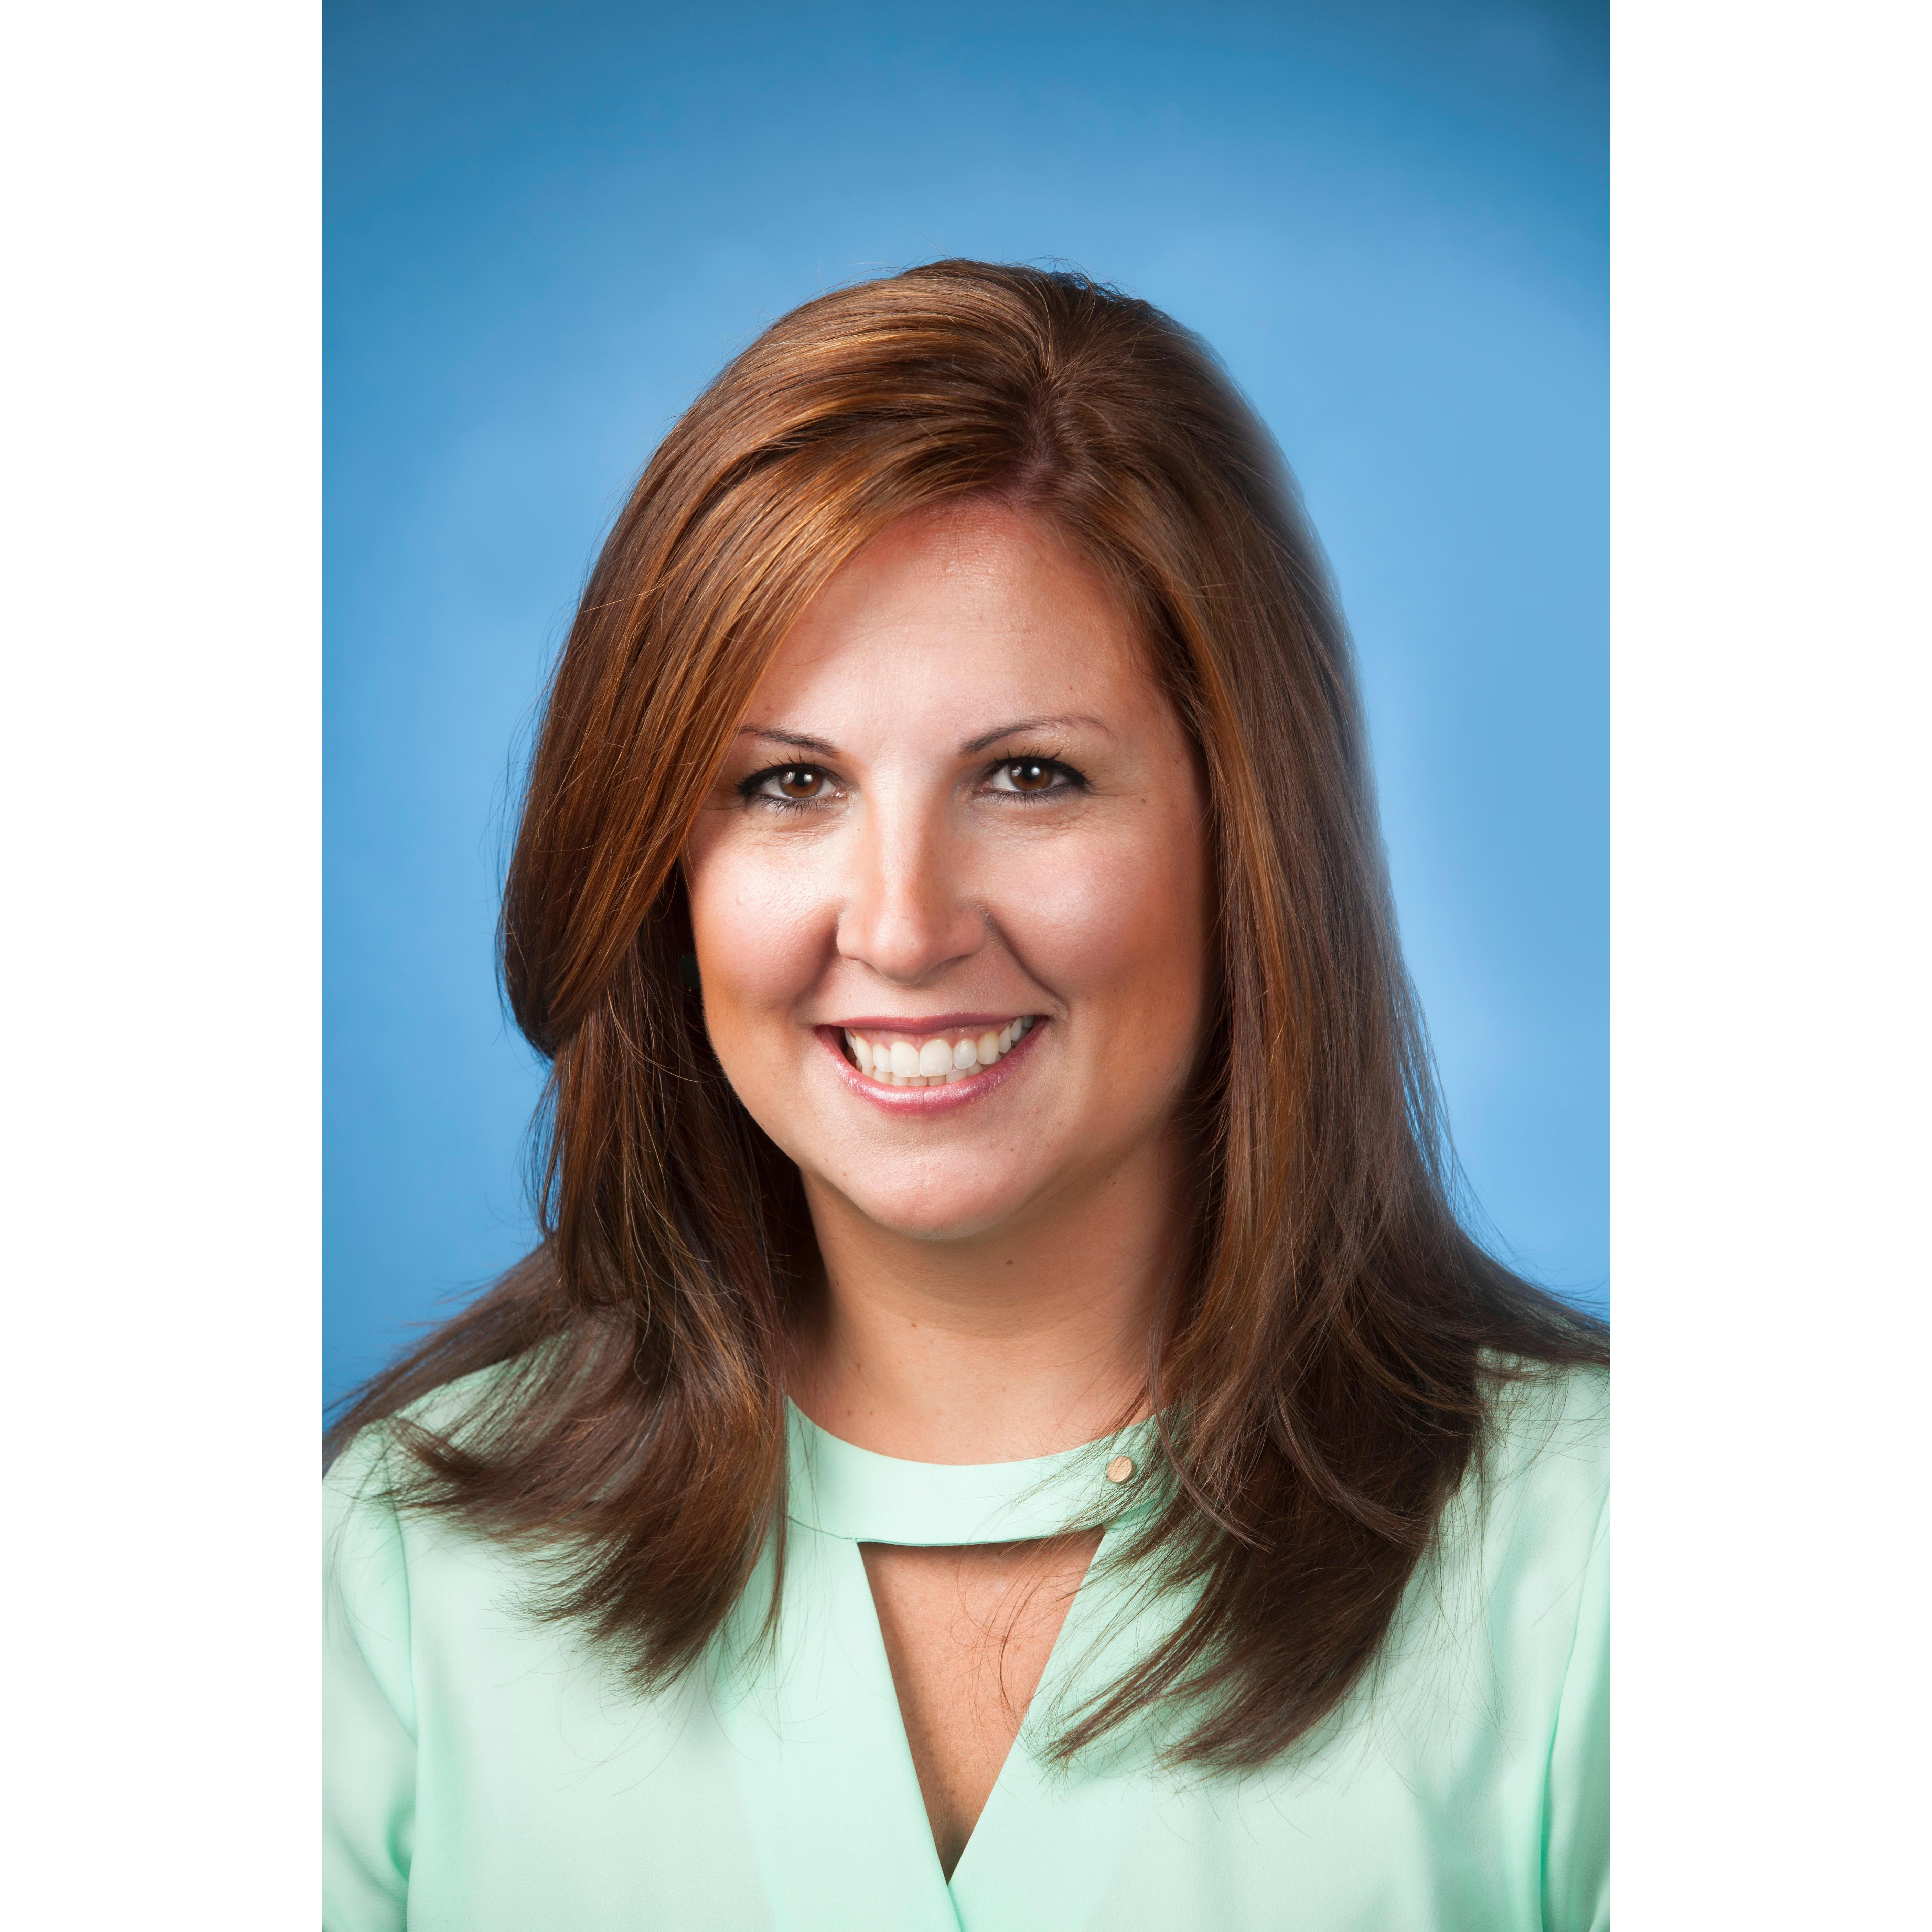 Barbara O. Mcelhanon, MD